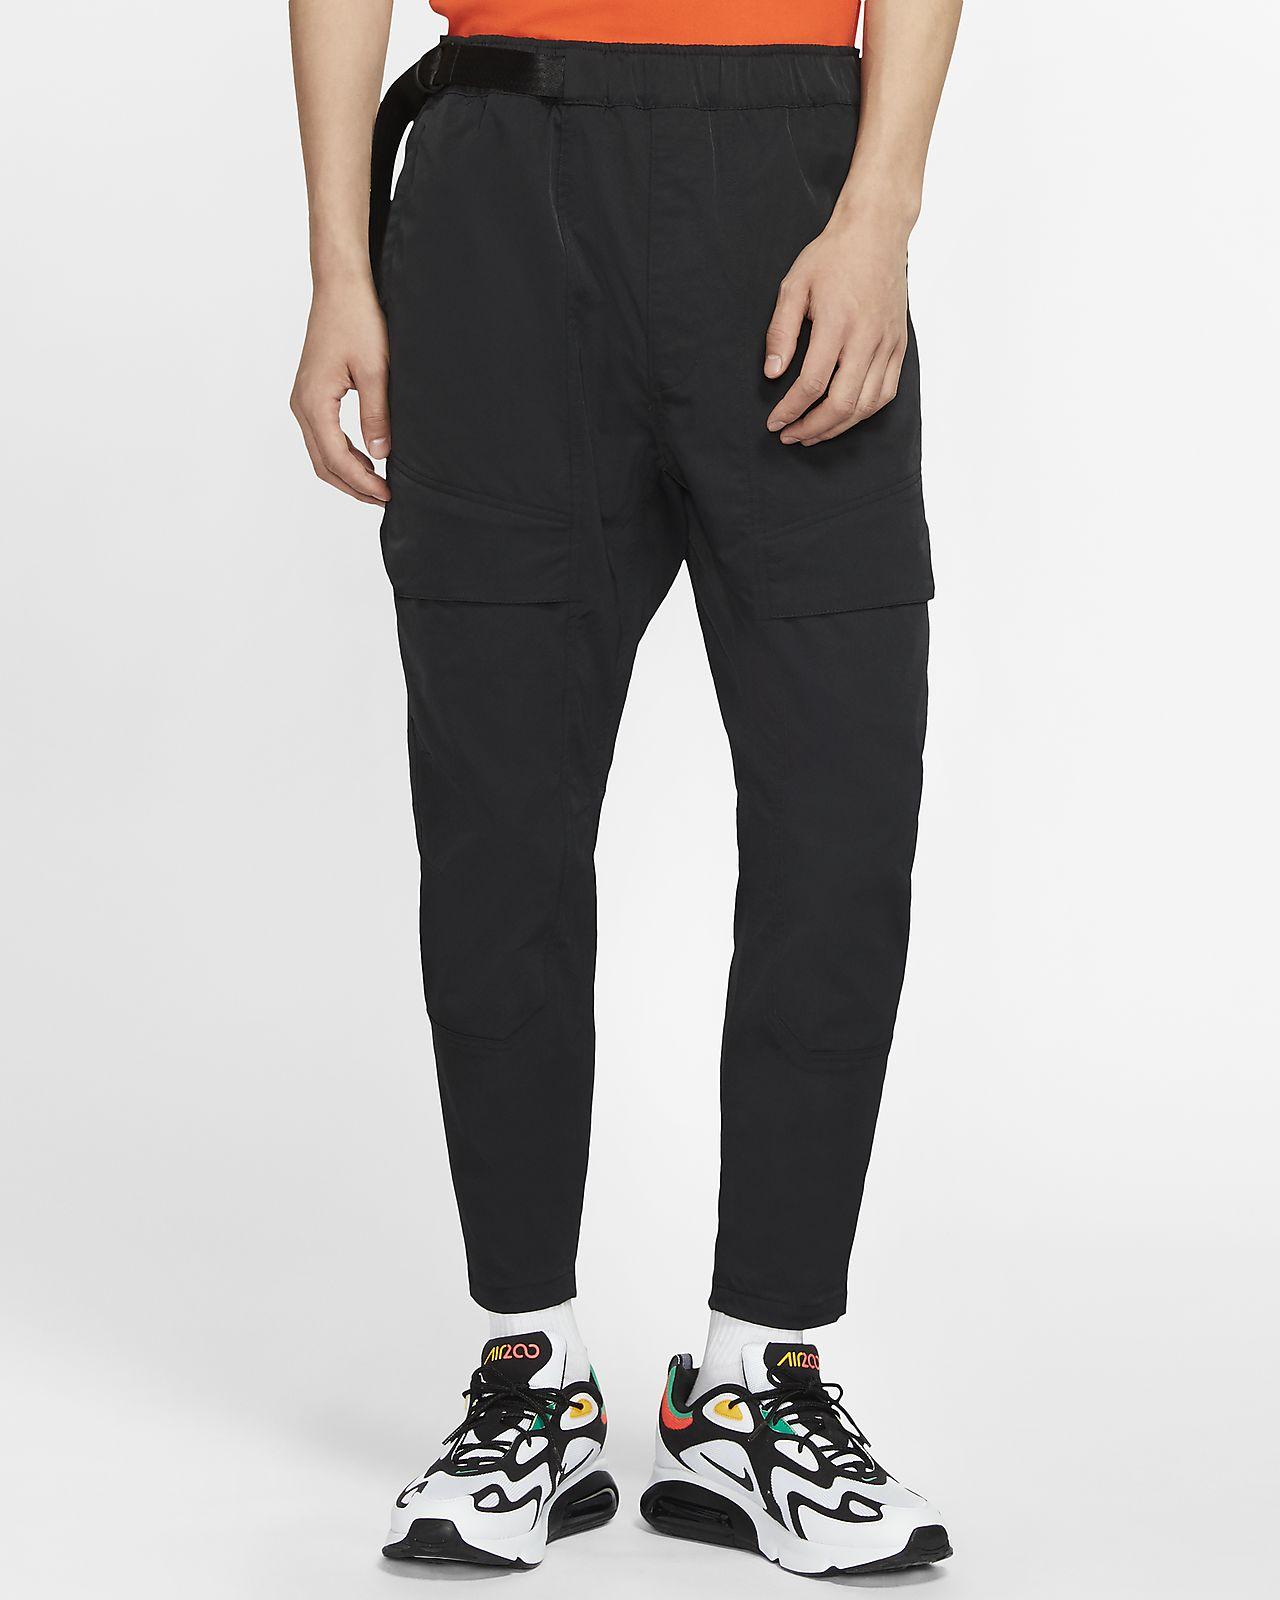 Nike Sportswear Tech Pack 男子梭织长裤